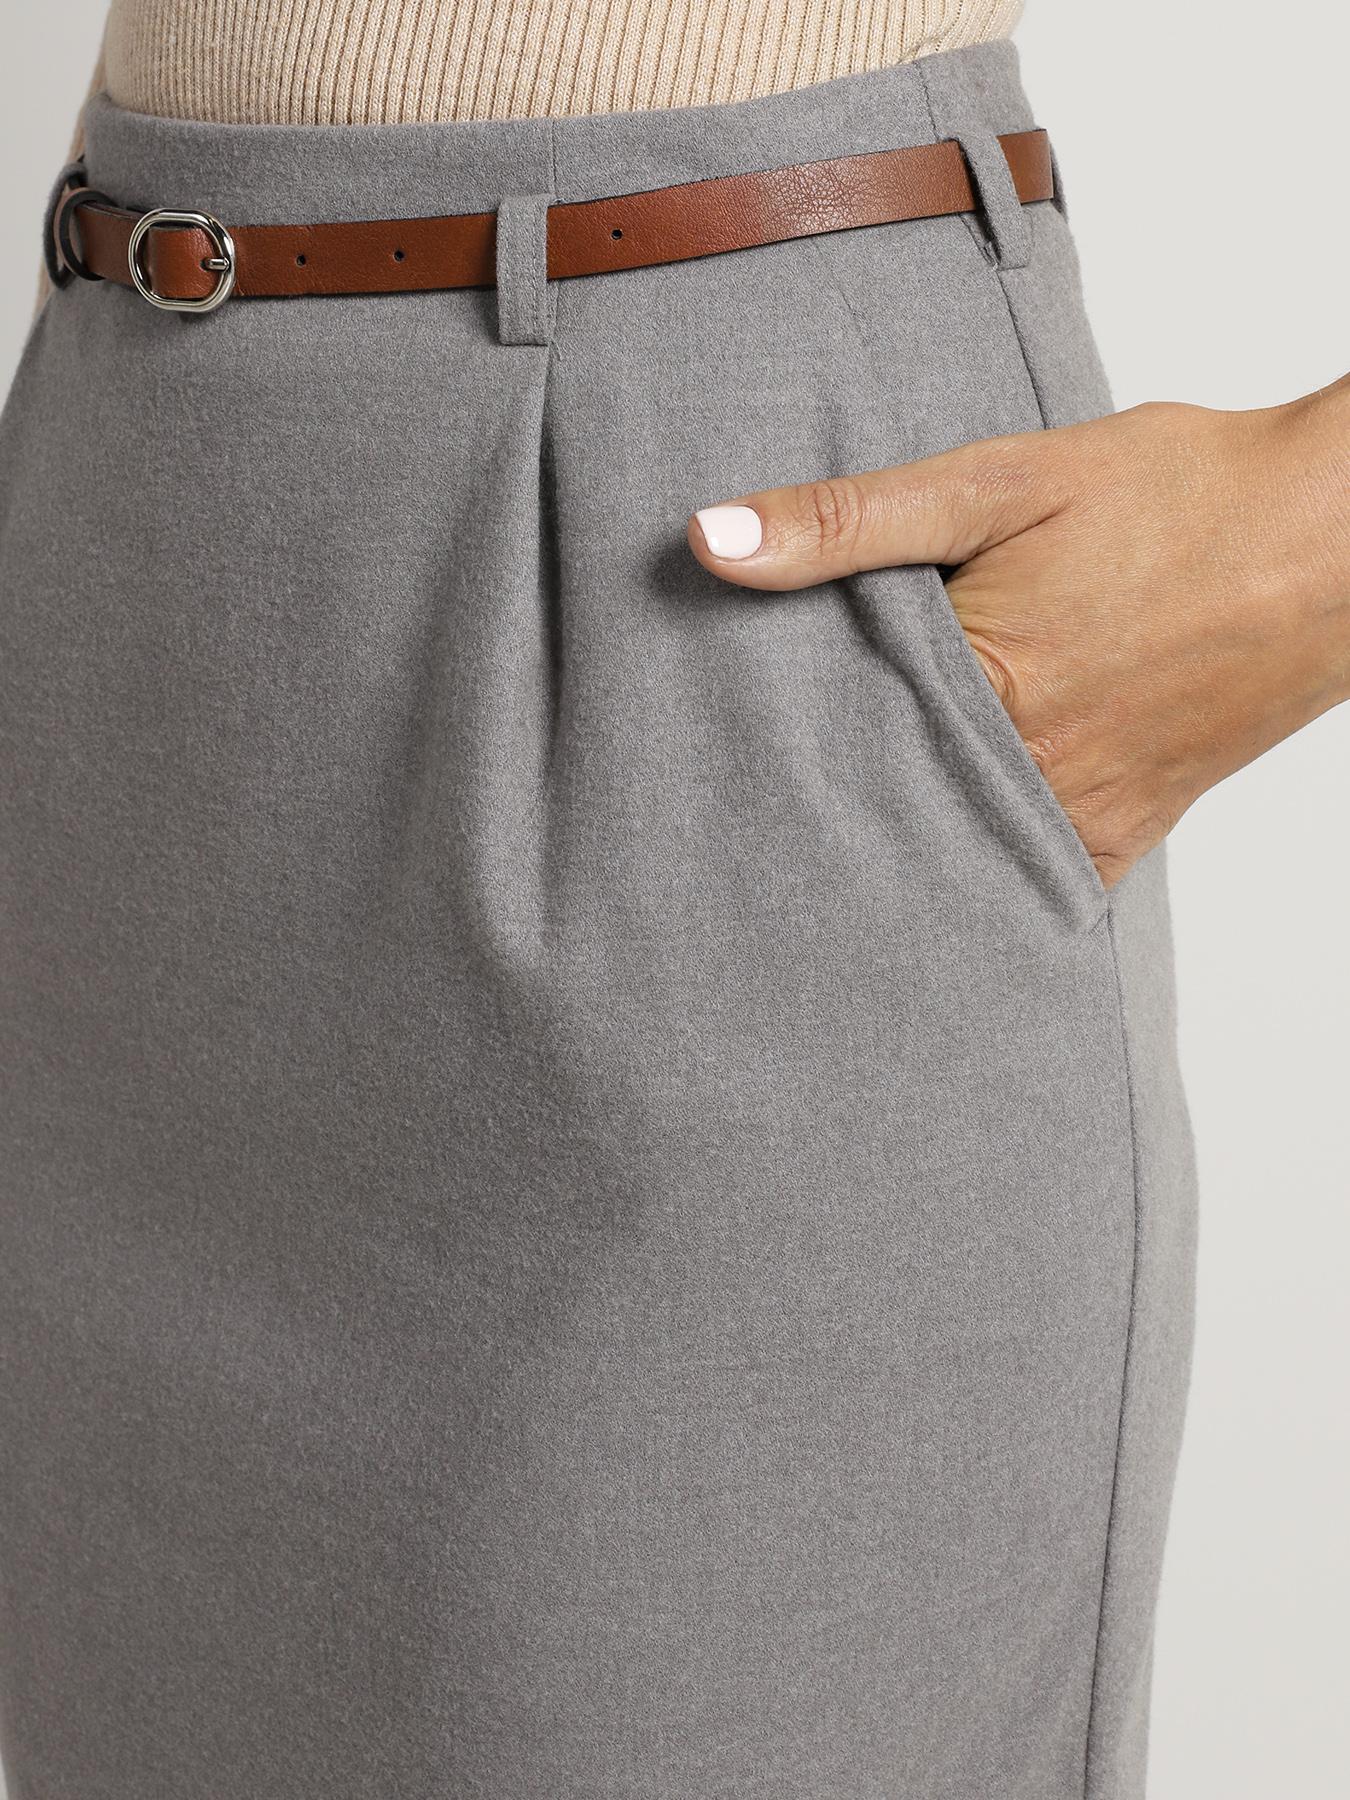 ORSA Orange Женская юбка 334037-026 Фото 3